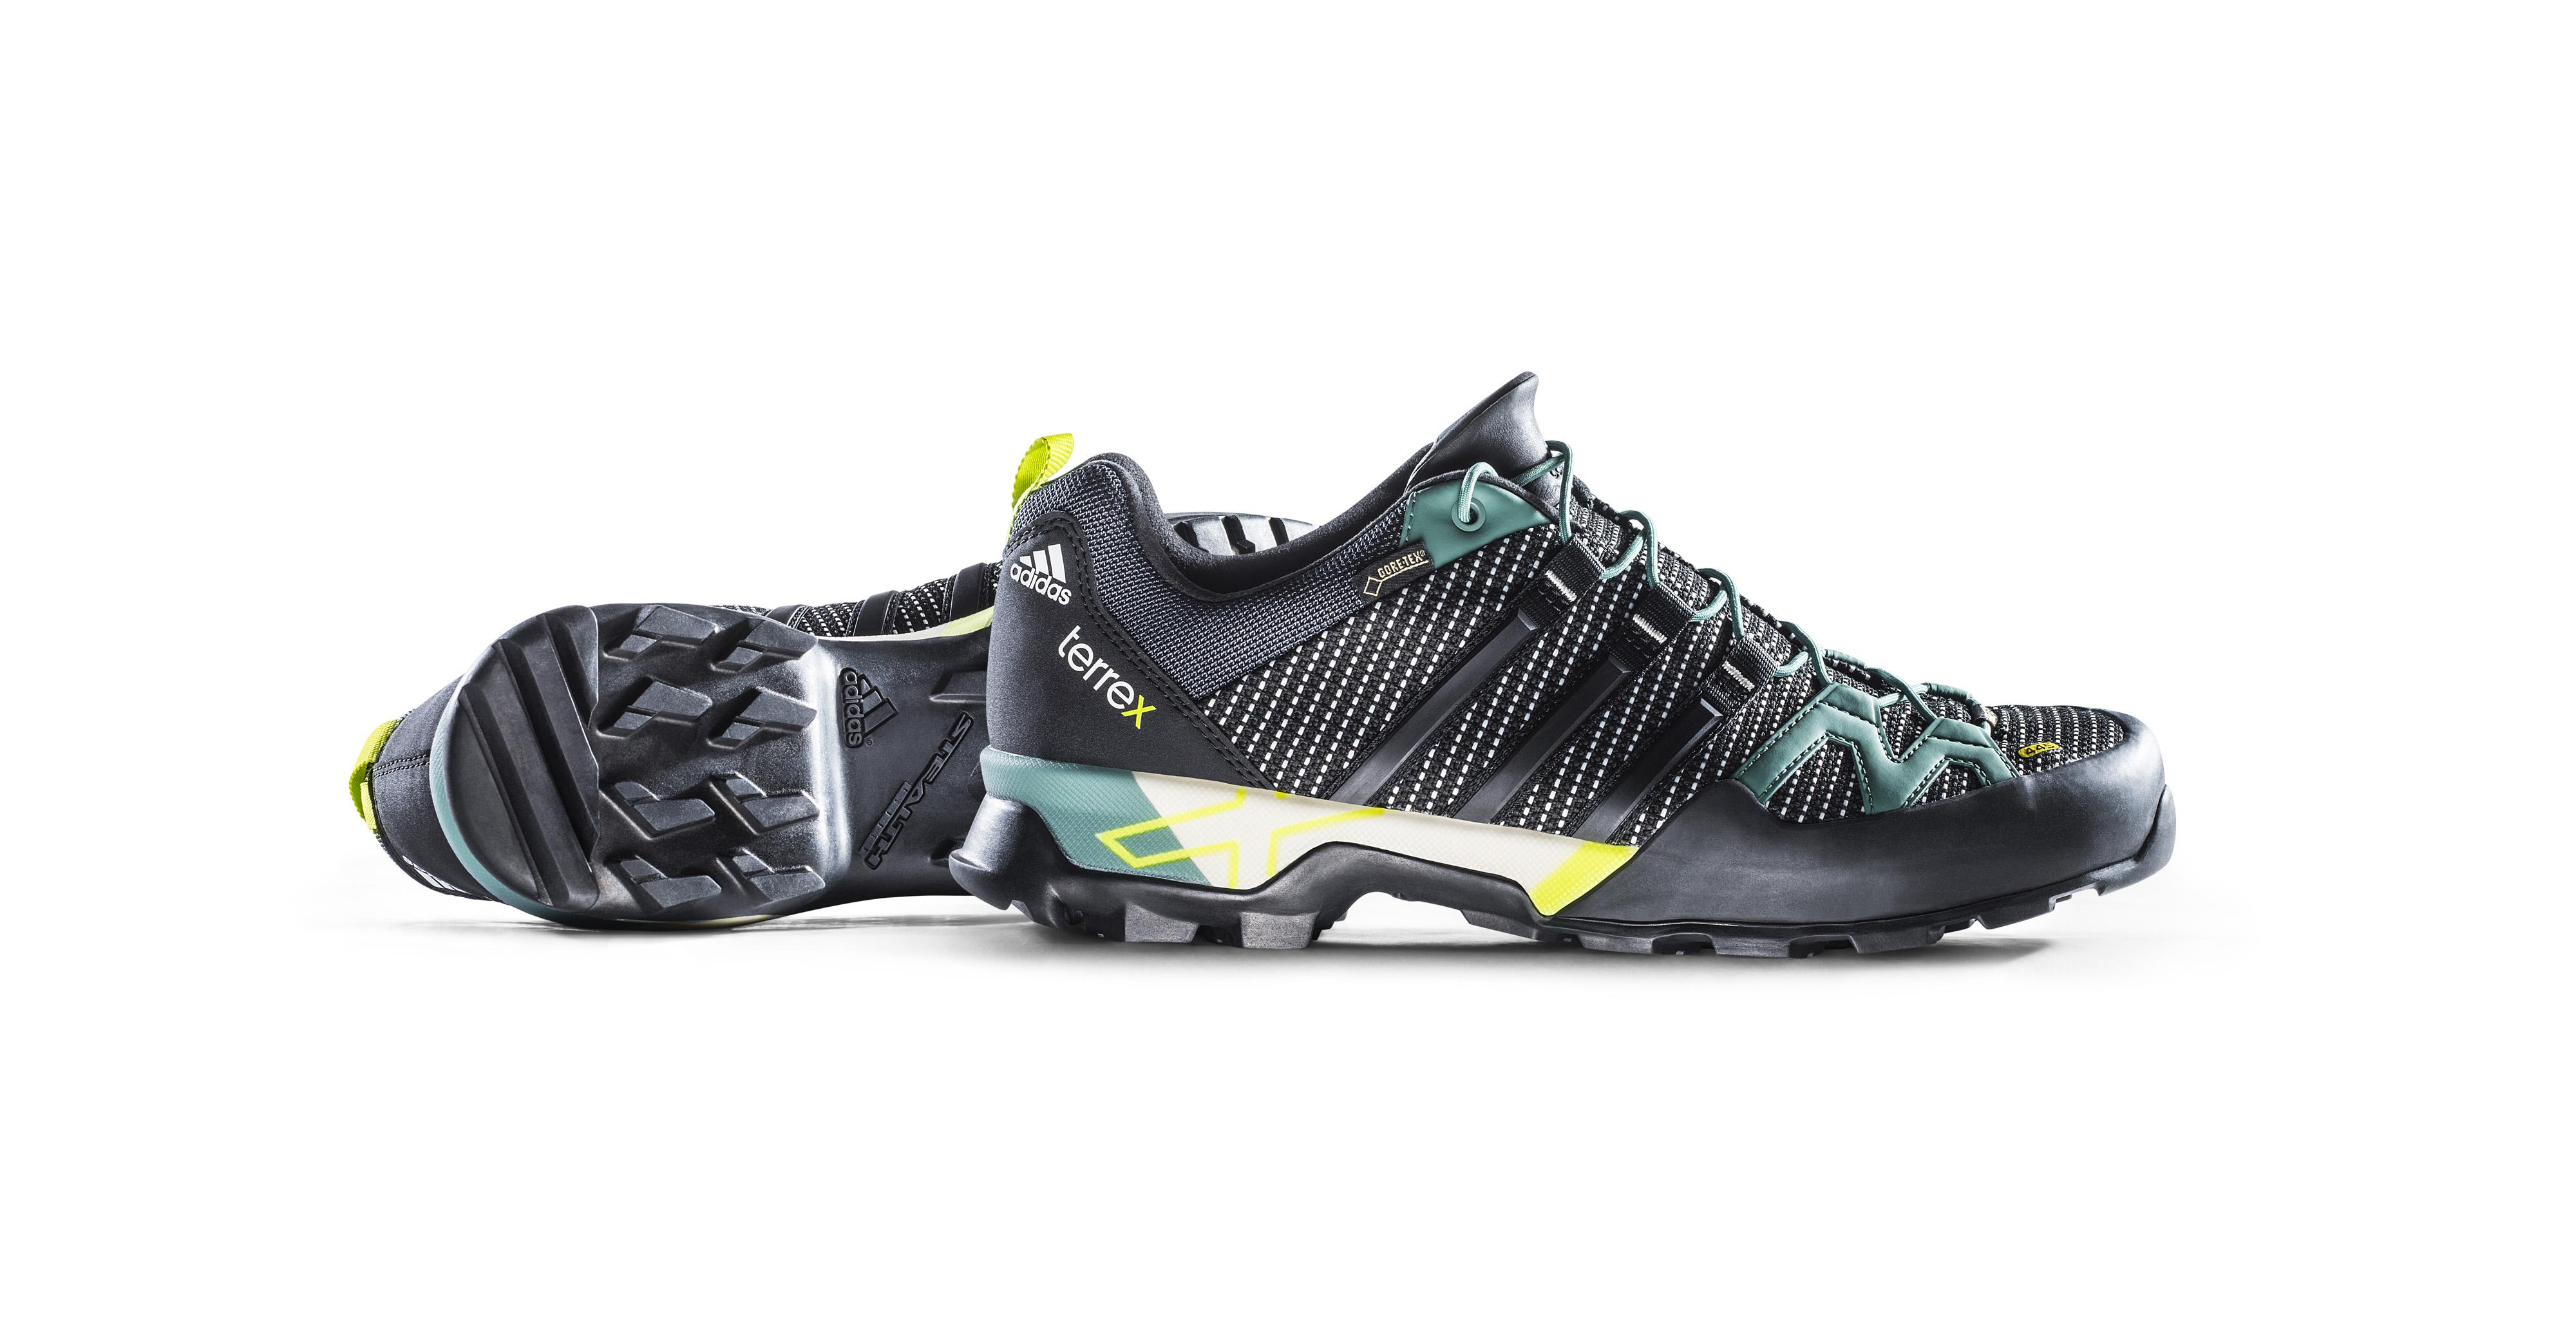 bfeea8b8609 Adidias Terrex Scope GTX Approach shoe – UpaDowna